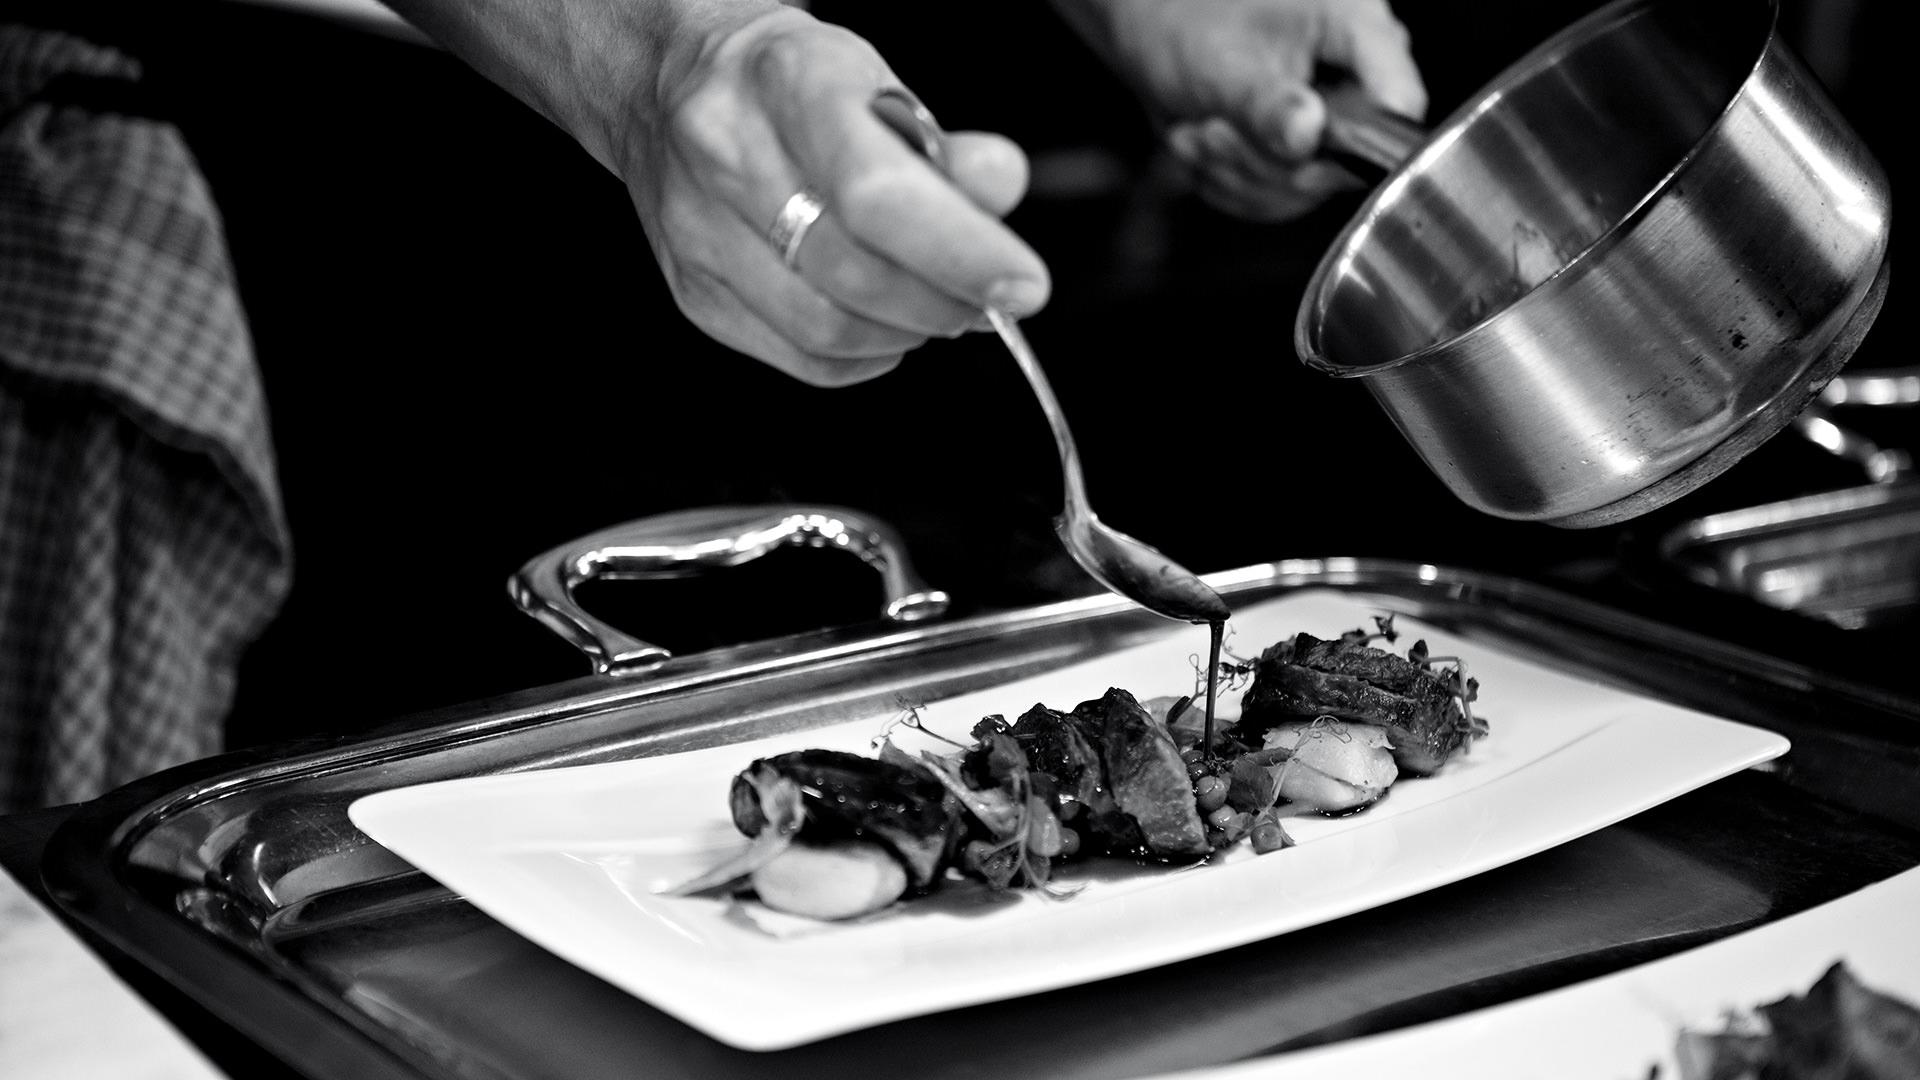 Apprentice Chefs – All Properties